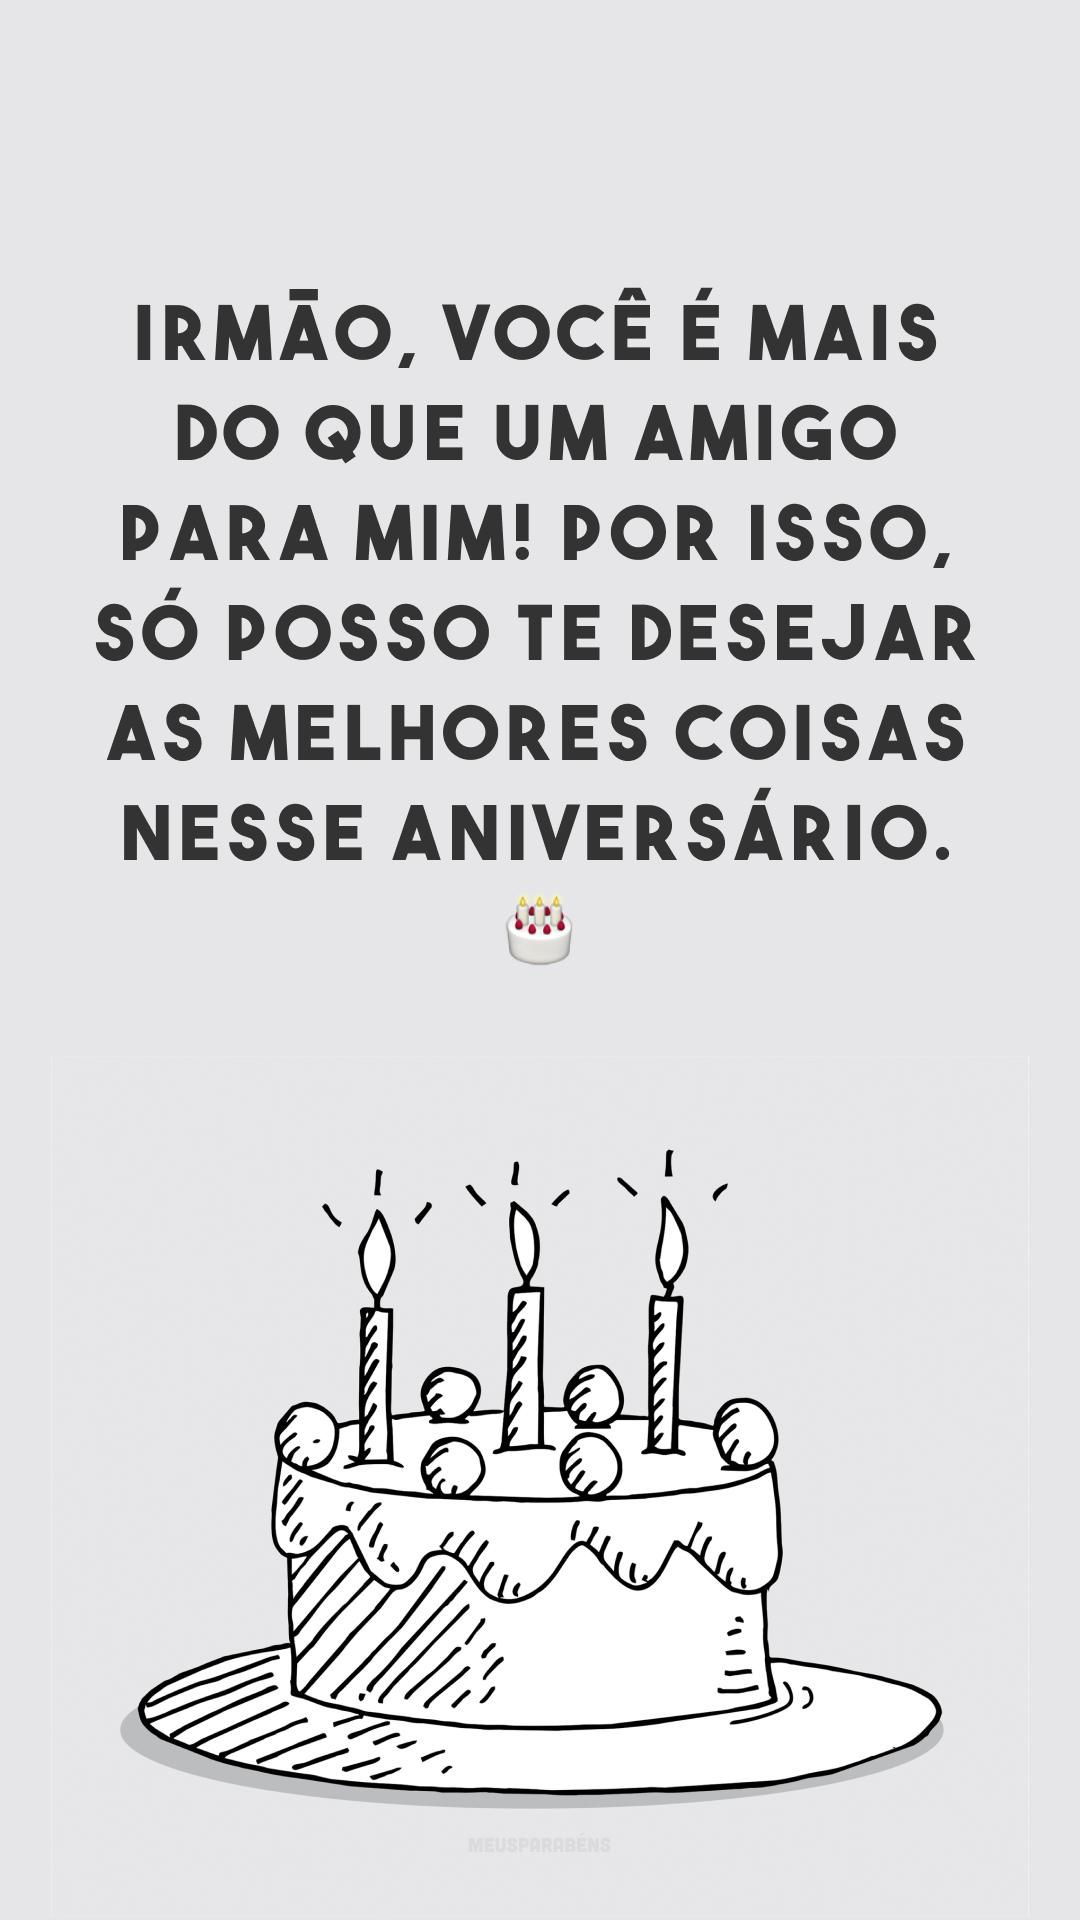 Irmão, você é mais do que um amigo para mim! Por isso, só posso te desejar as melhores coisas nesse aniversário. 🎂